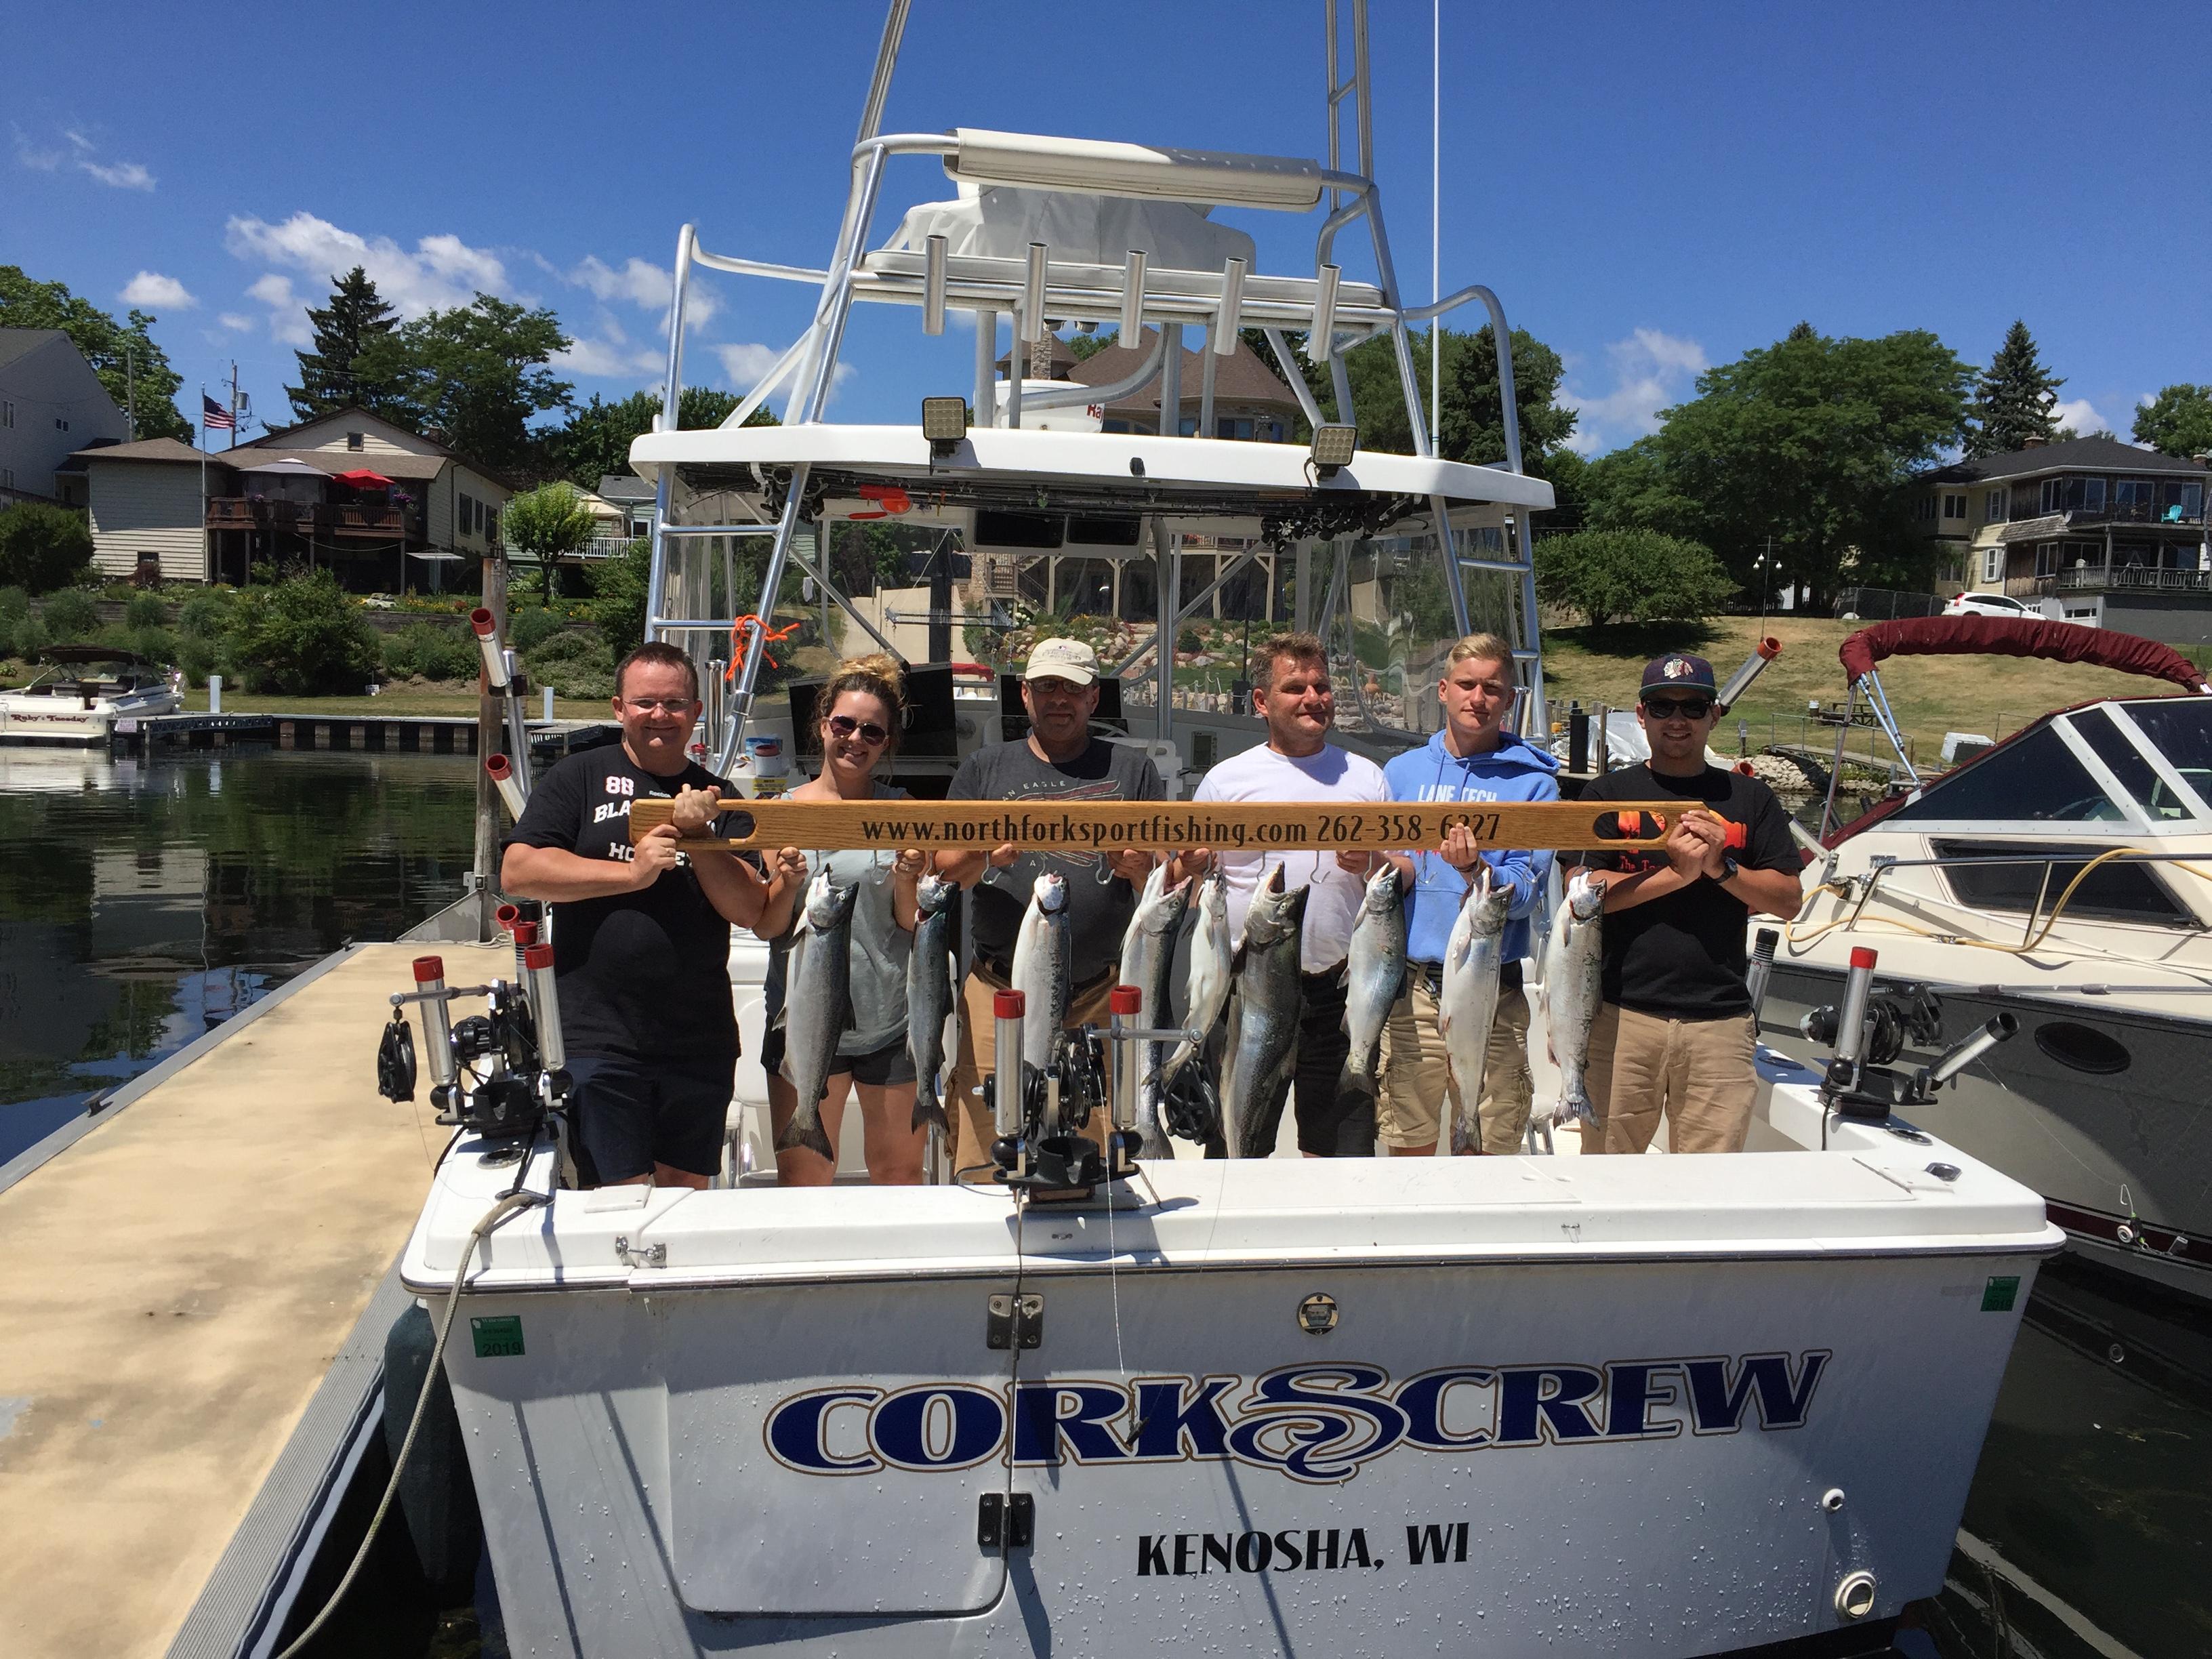 trout-salmon-group-caught-on-corkscrew-at-kenosha-wi